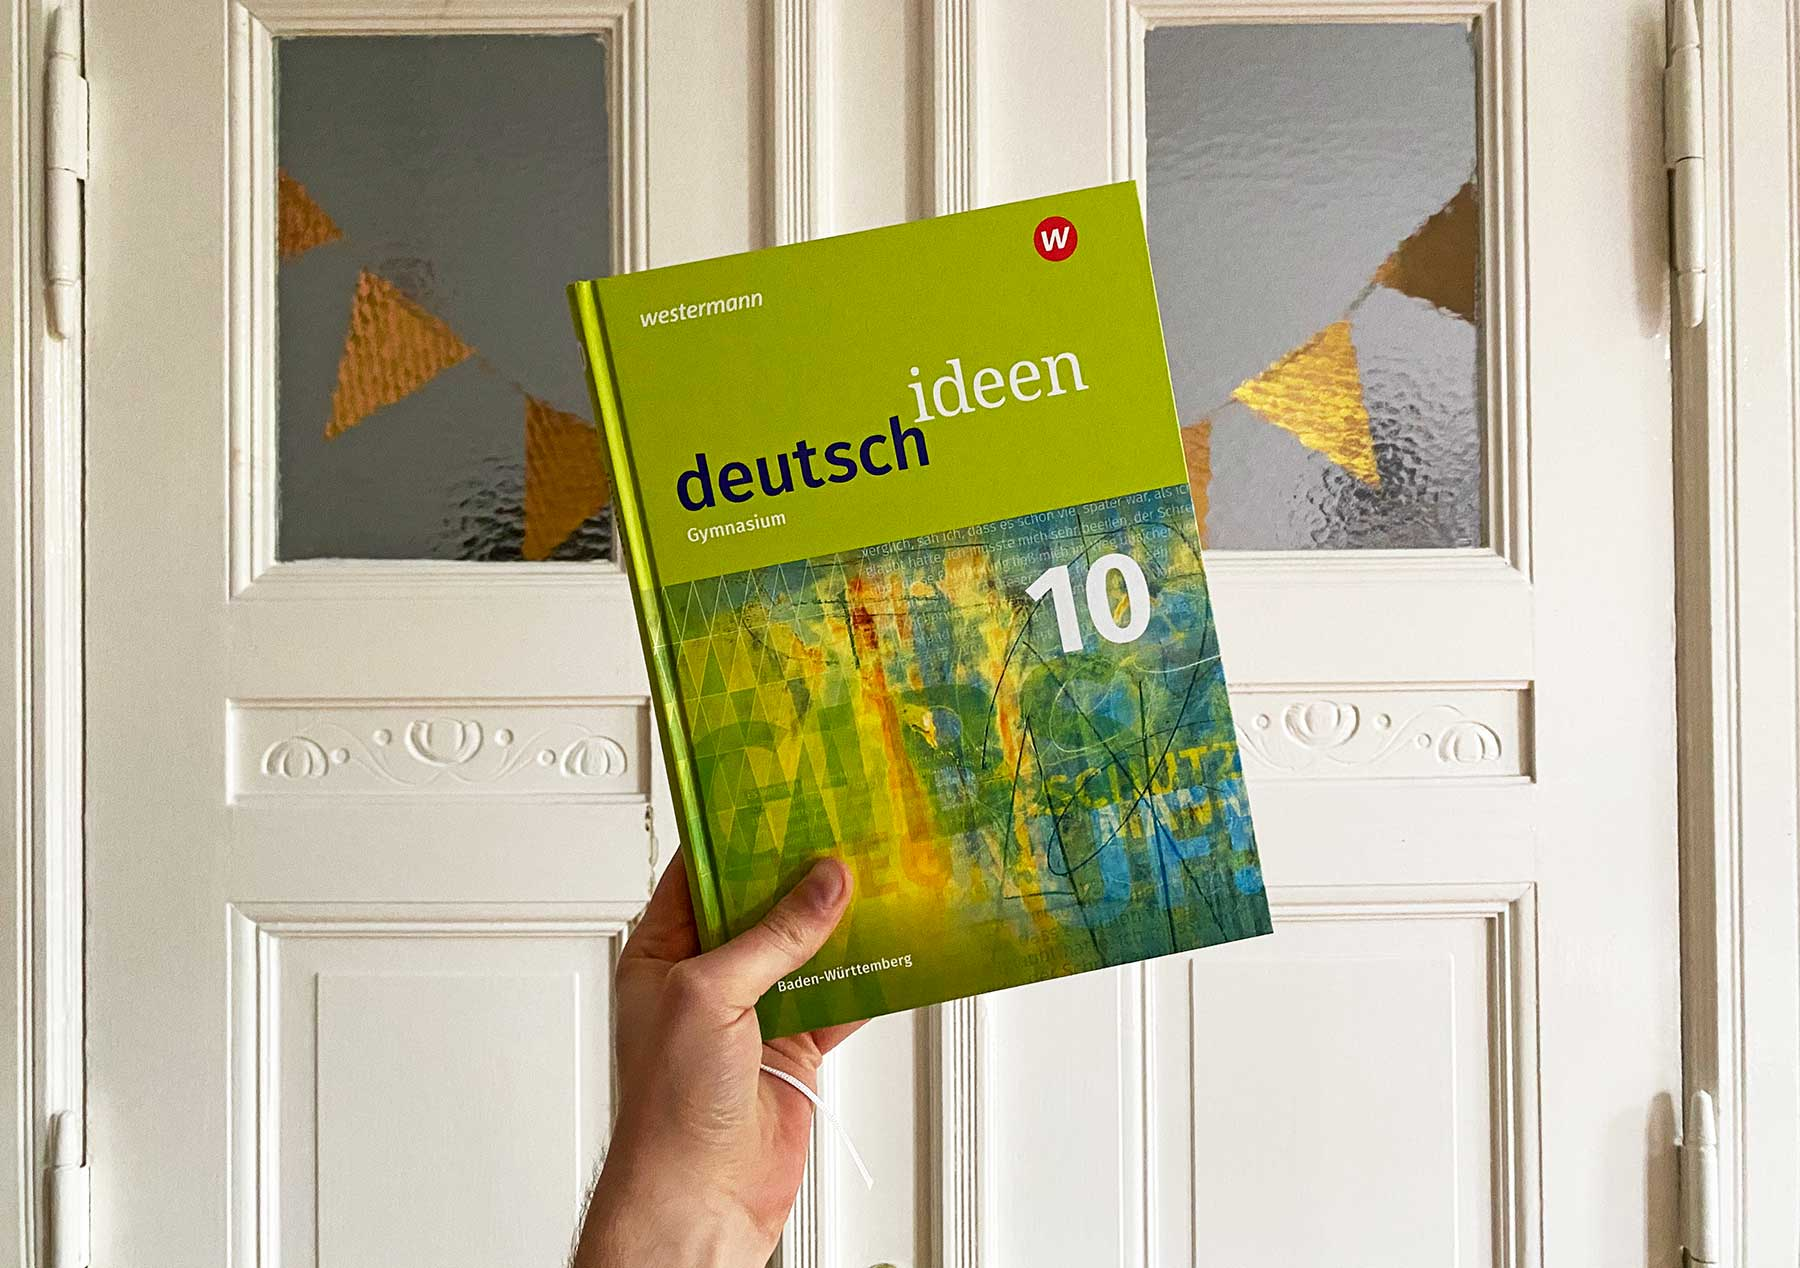 Einer meiner Blogtexte steht jetzt in einem Schulbuch für den Deutschunterricht